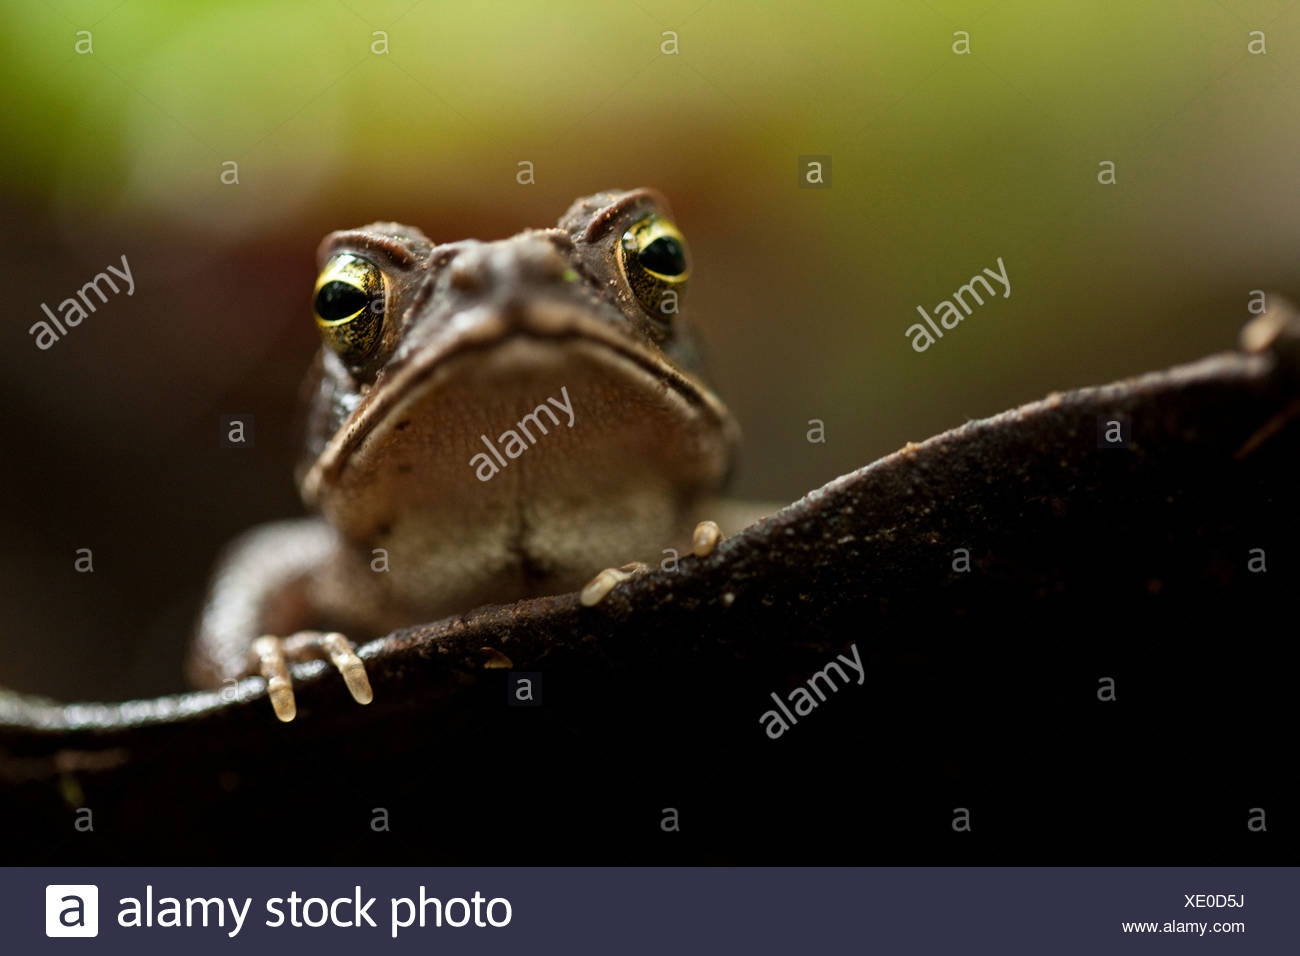 Ein Frosch Uhren von einem wassergefüllten Blatt im Regenwald Stock, Tambopata National Preserve, peruanischen Amazonas Stockbild